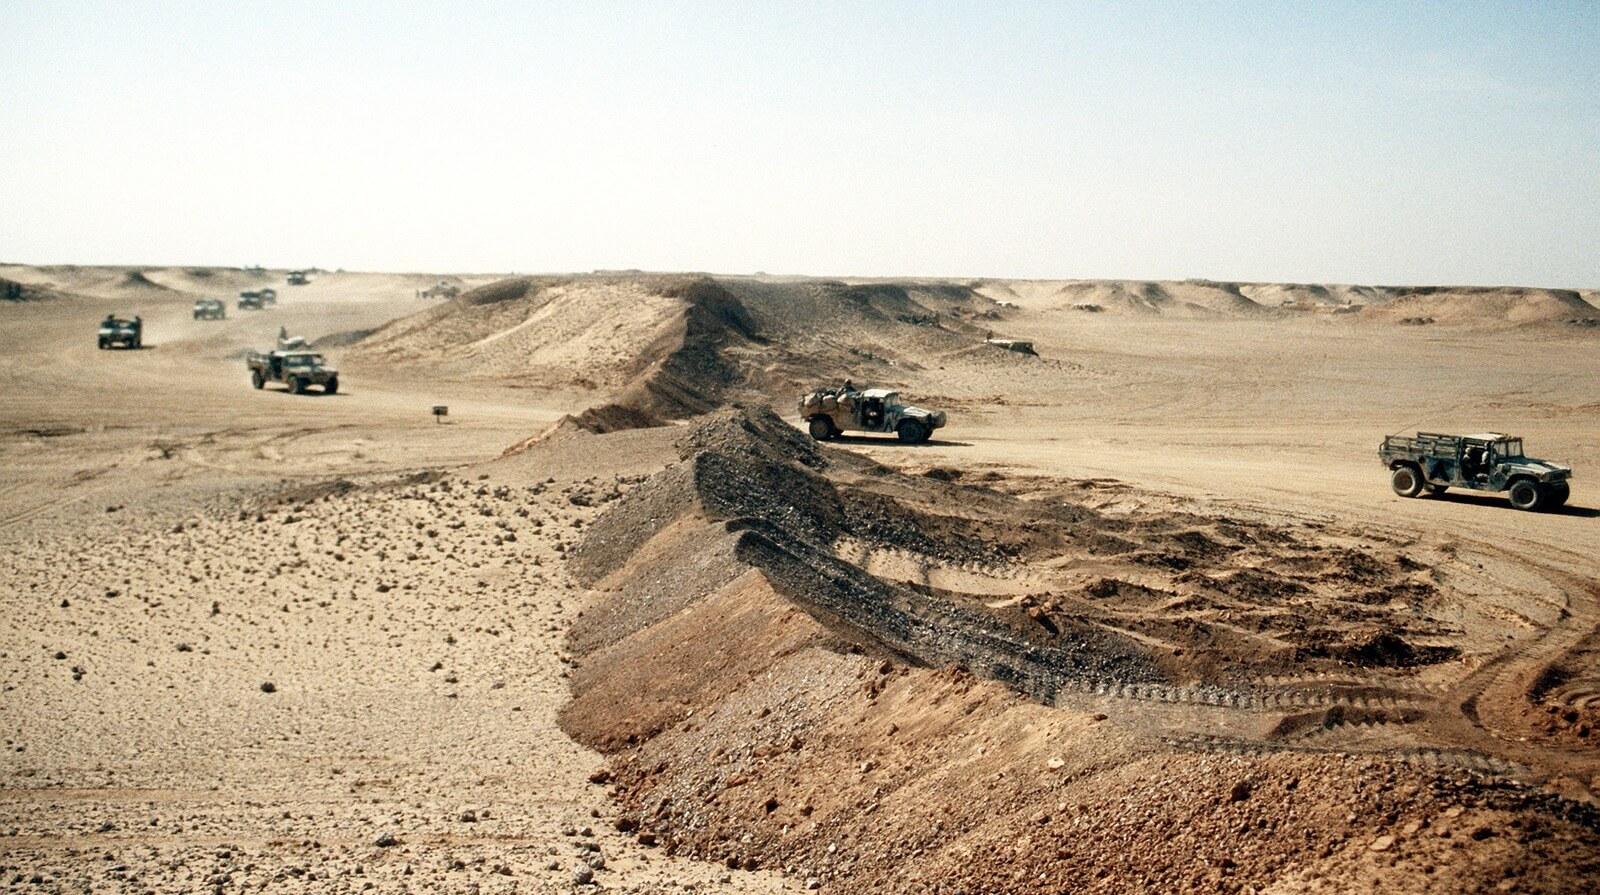 عاجل: المغرب يمدد الجدار العازل في اتجاه الشرق ويضع الجزائر أمام الامر الواقع السلام أو الحرب